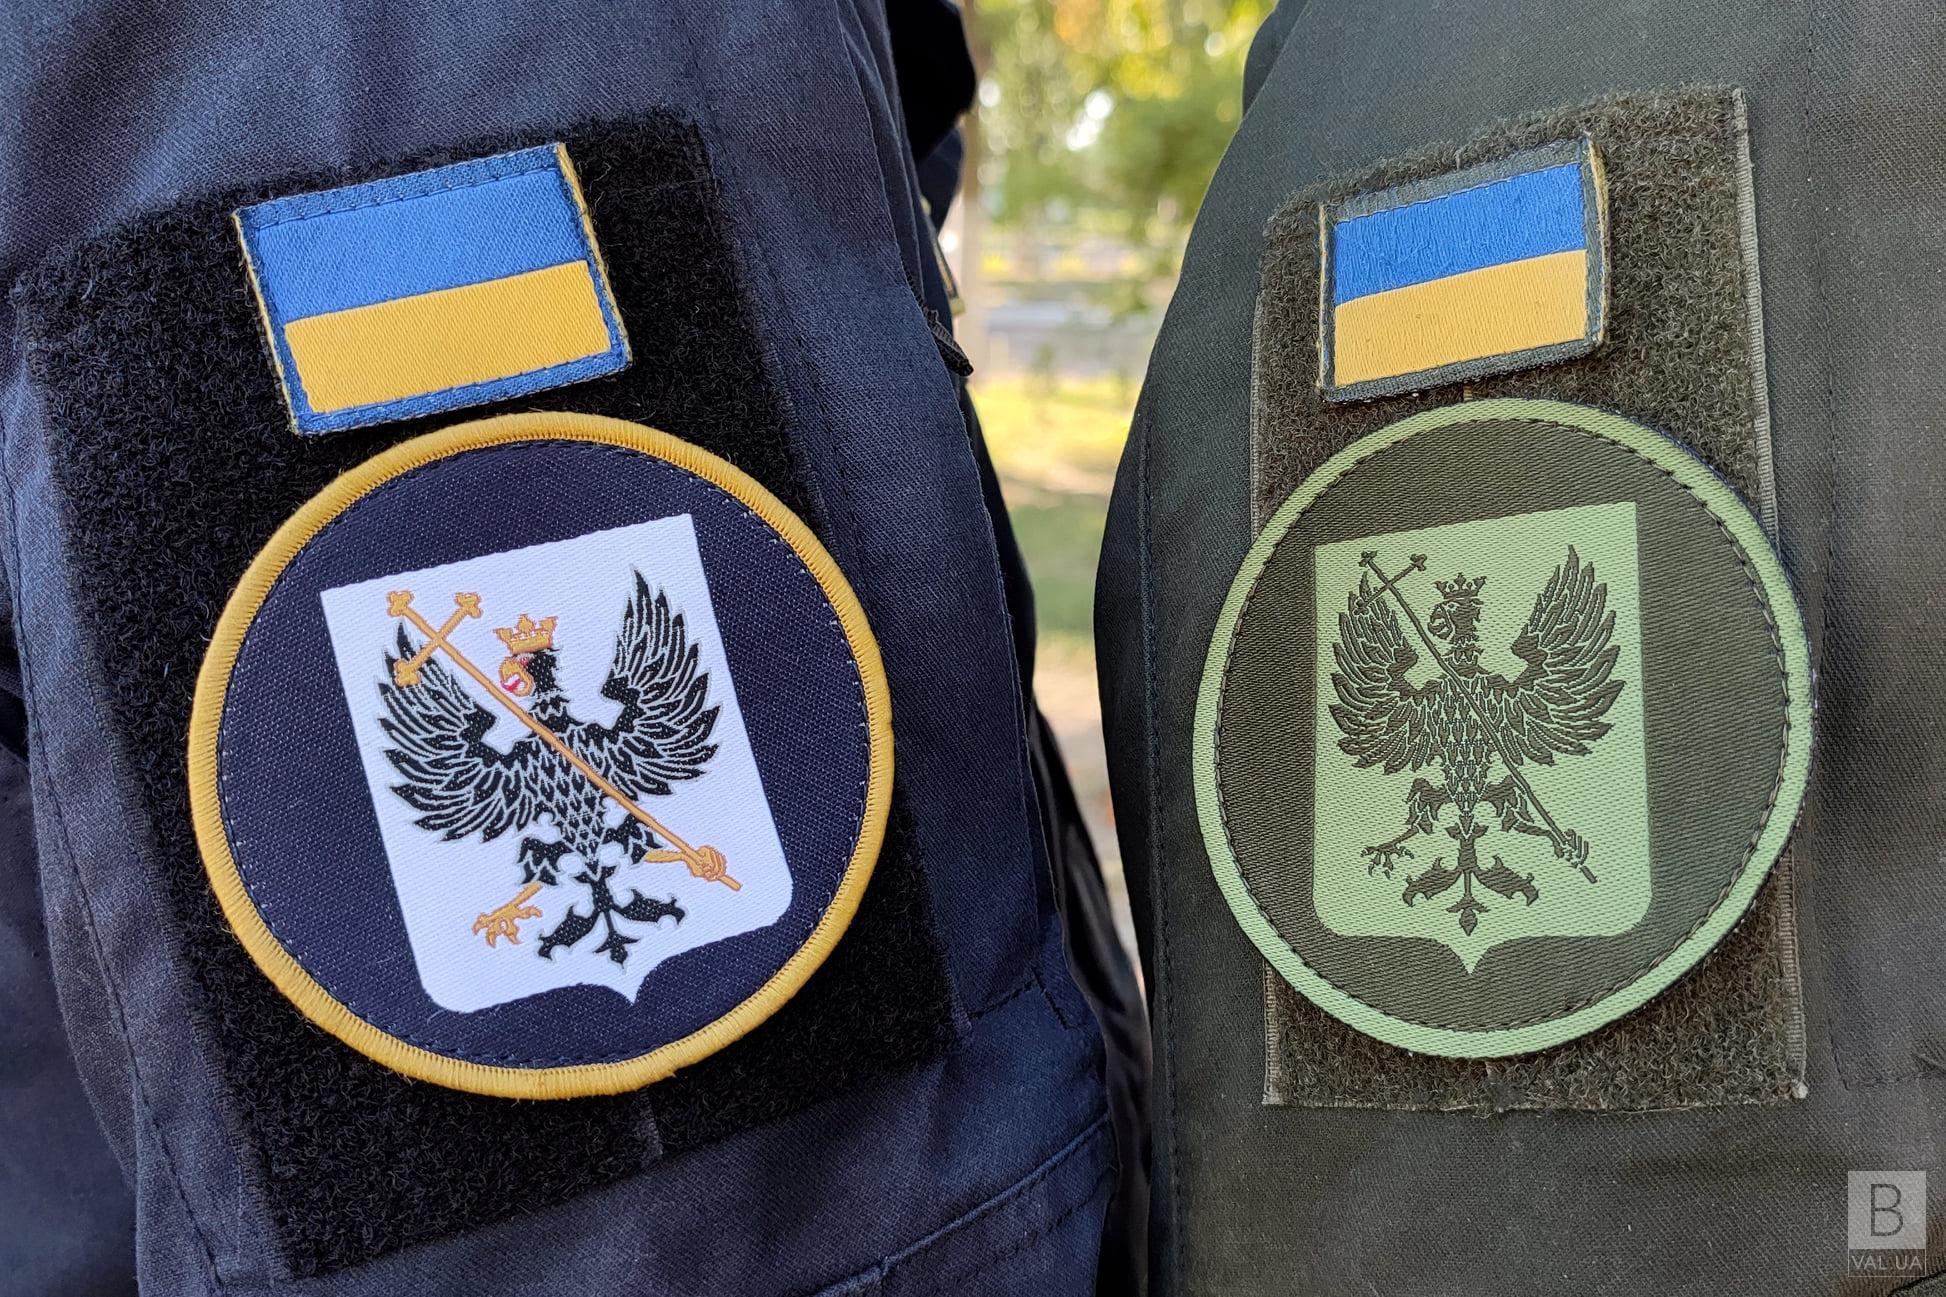 Чернігівські гвардійці отримали власний нарукавний знак